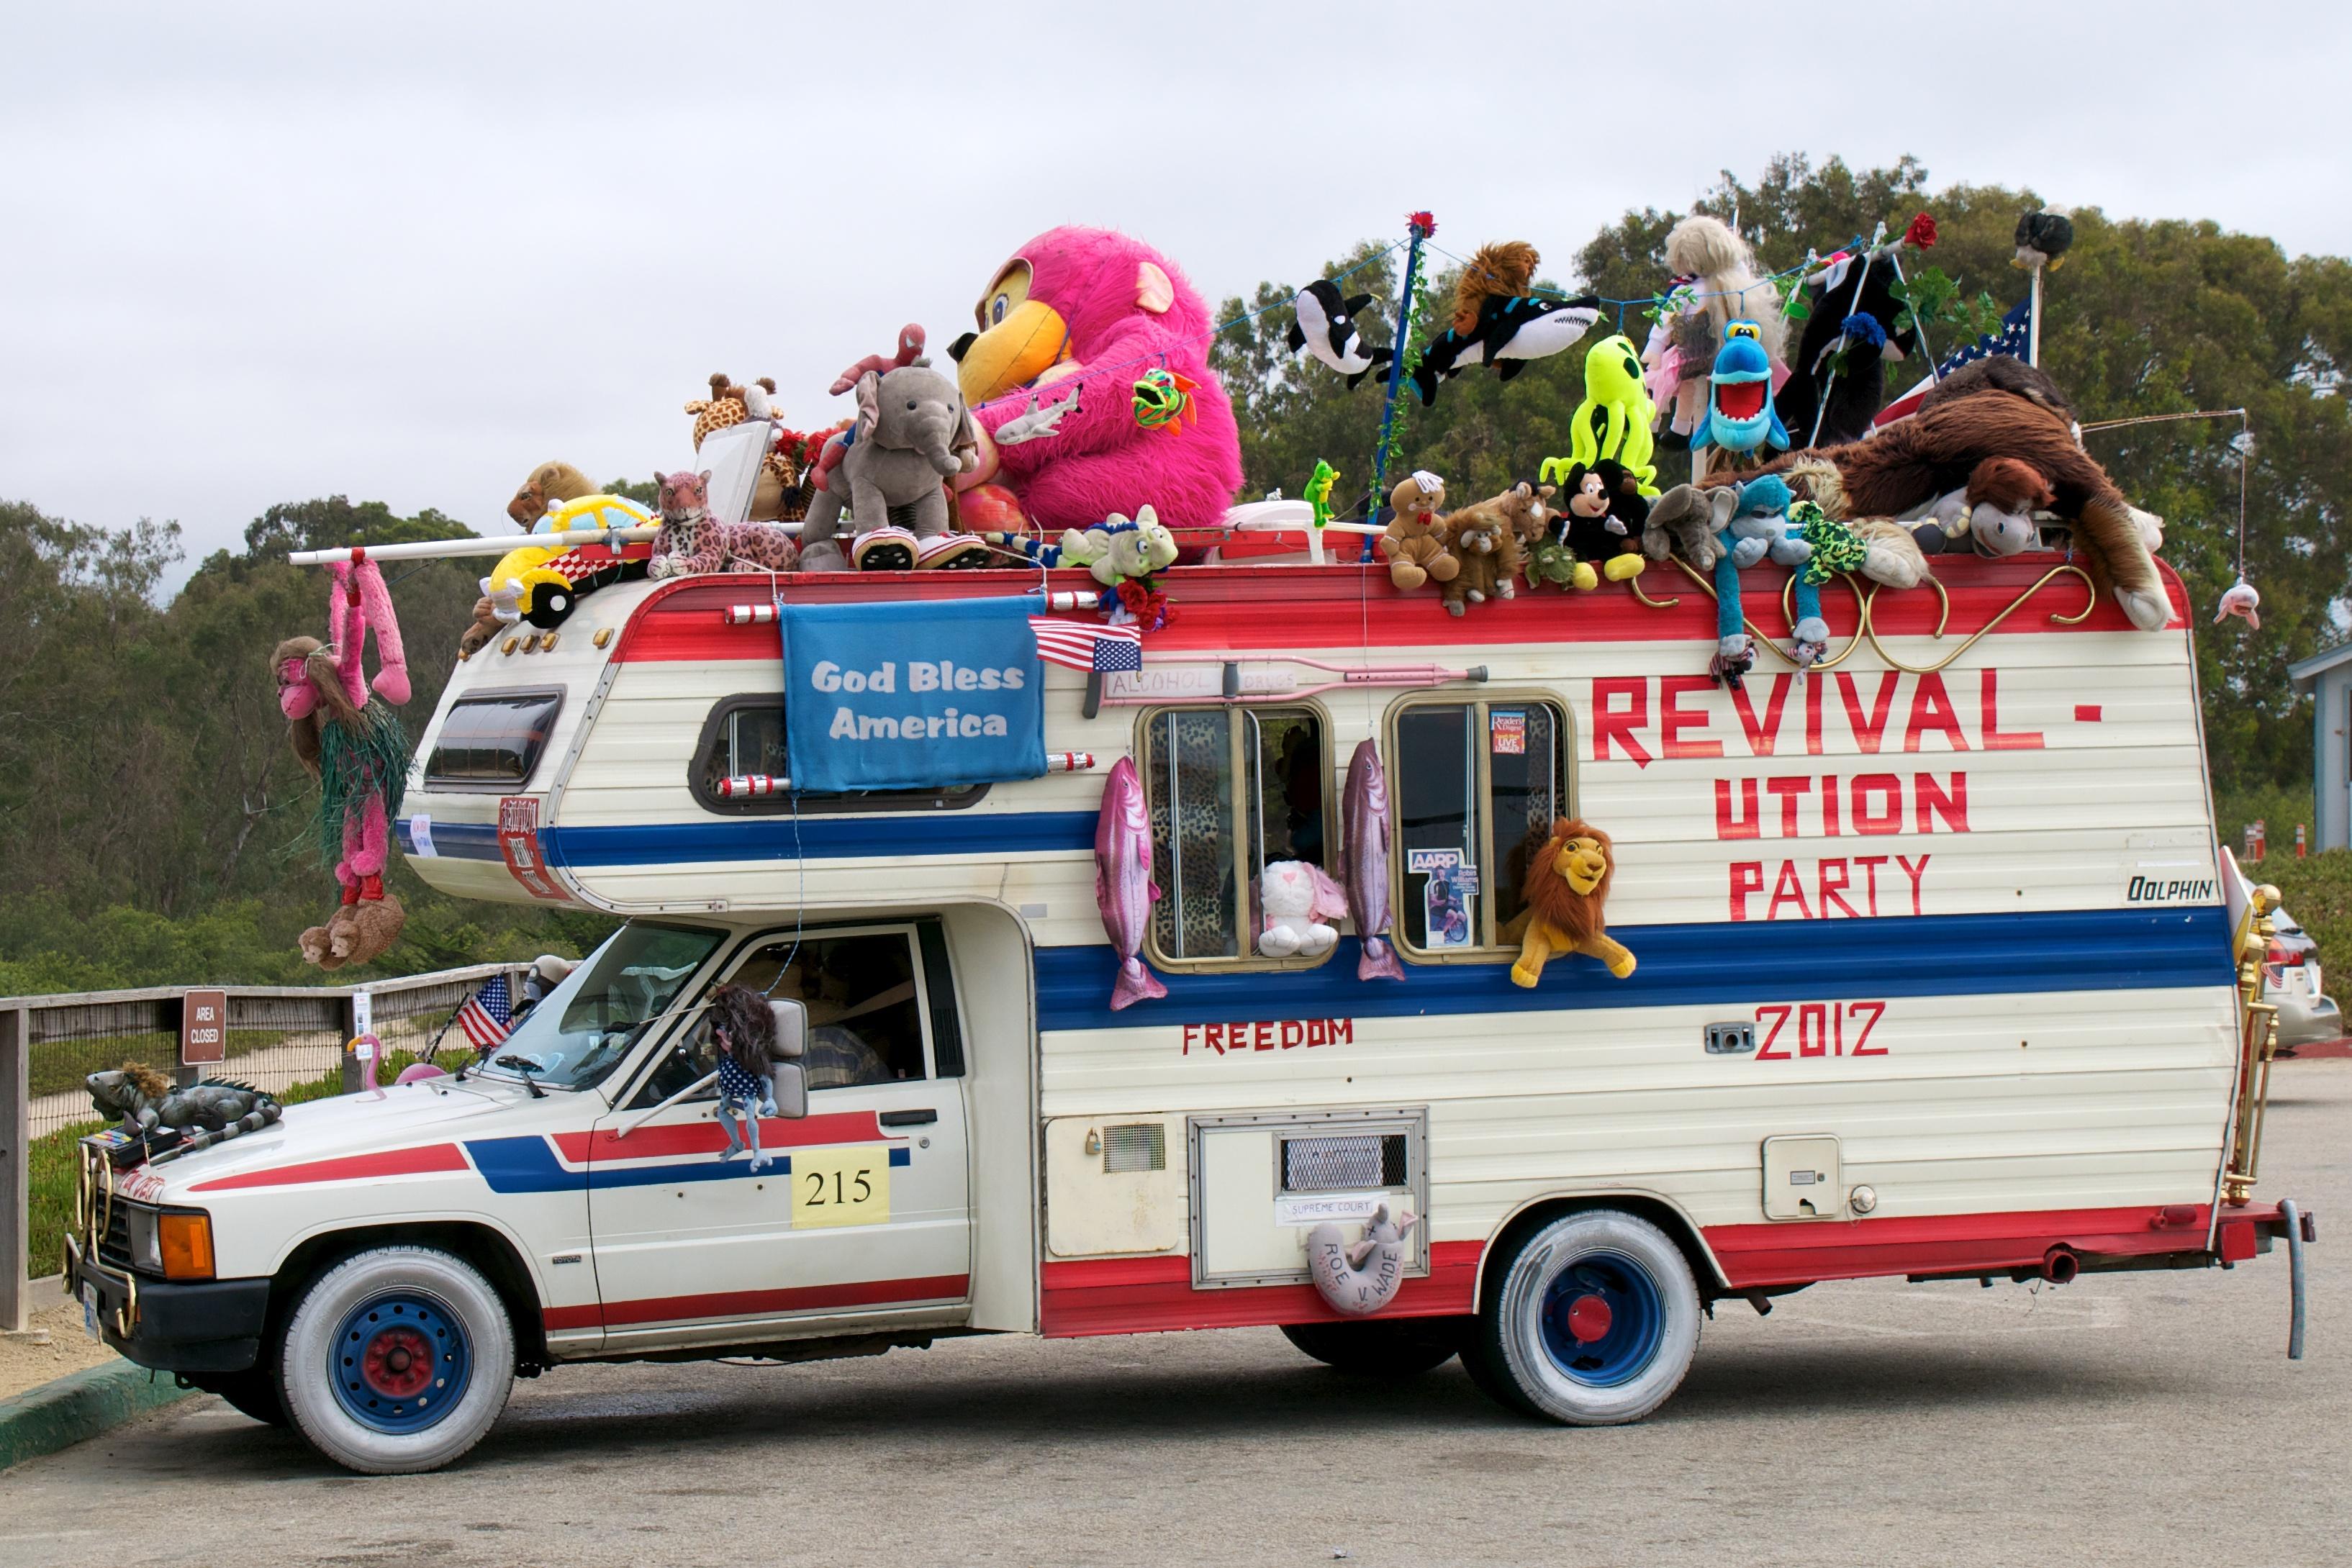 Fehlt nur noch der Kasperli im Kassettengerät: Dekoriertes Wohnmobil in Santa Cruz, Kalifornien. Foto: Don DeBold (Flickr)